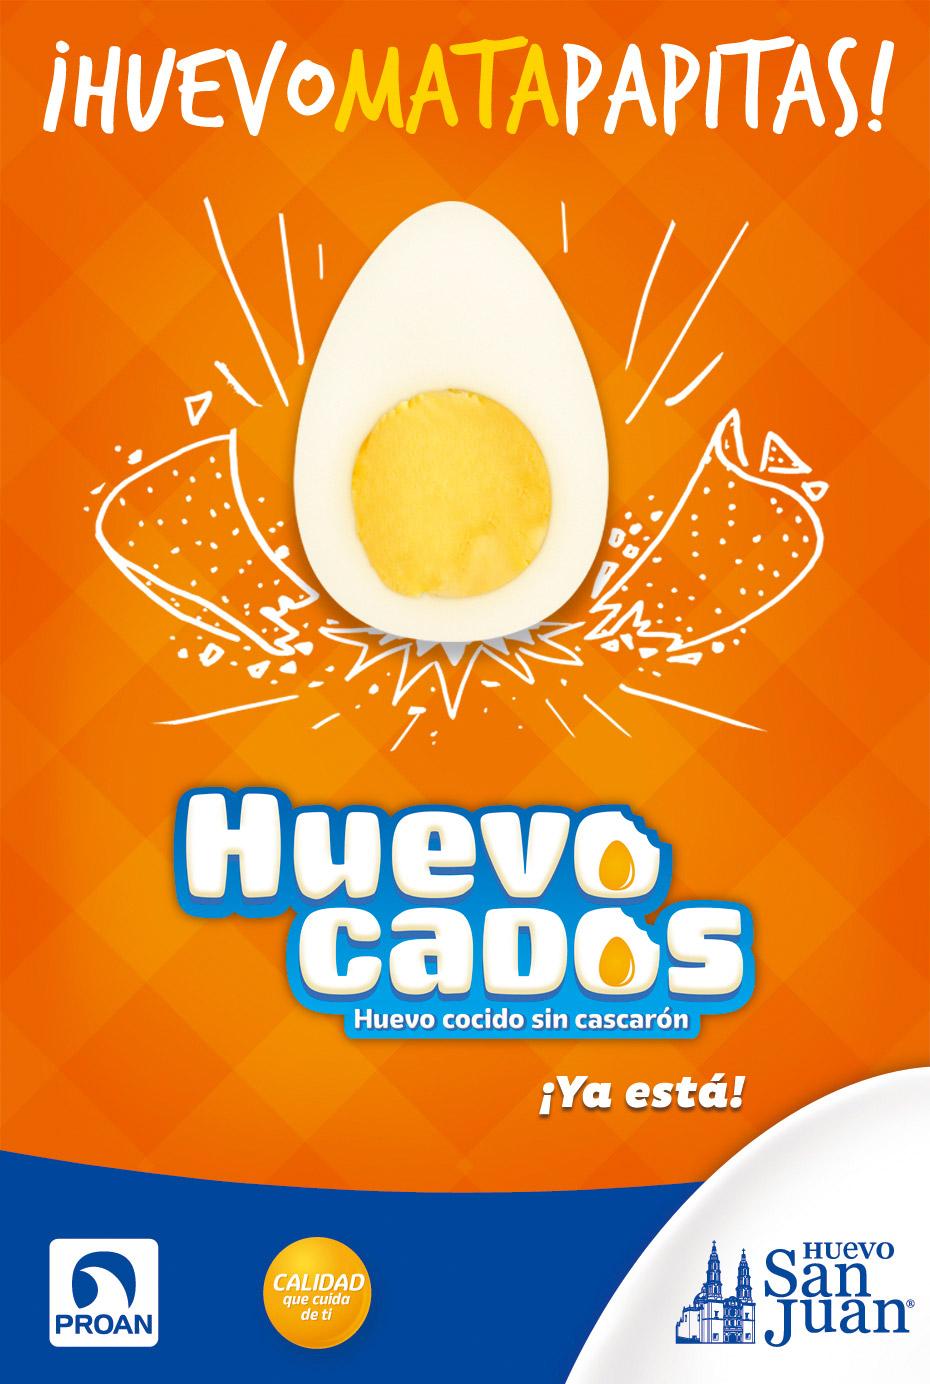 merca_huevos4